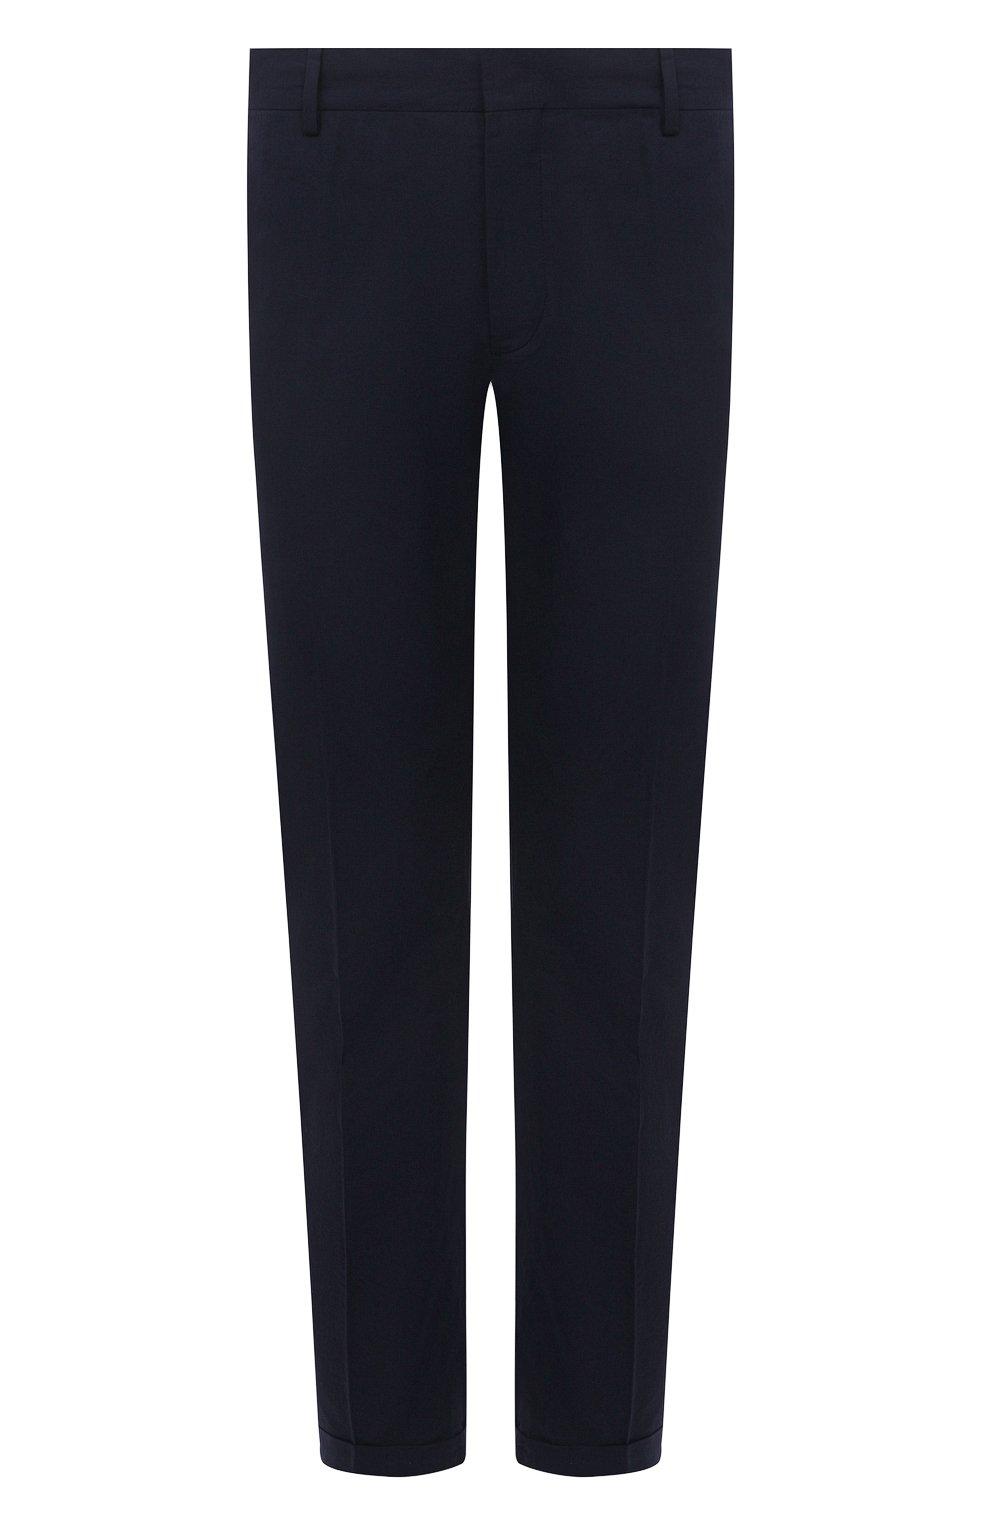 Мужские хлопковые брюки PRADA темно-синего цвета, арт. SPD91-1BJ2-F0ABM-172 | Фото 1 (Длина (брюки, джинсы): Стандартные; Случай: Повседневный; Материал внешний: Хлопок; Стили: Минимализм)